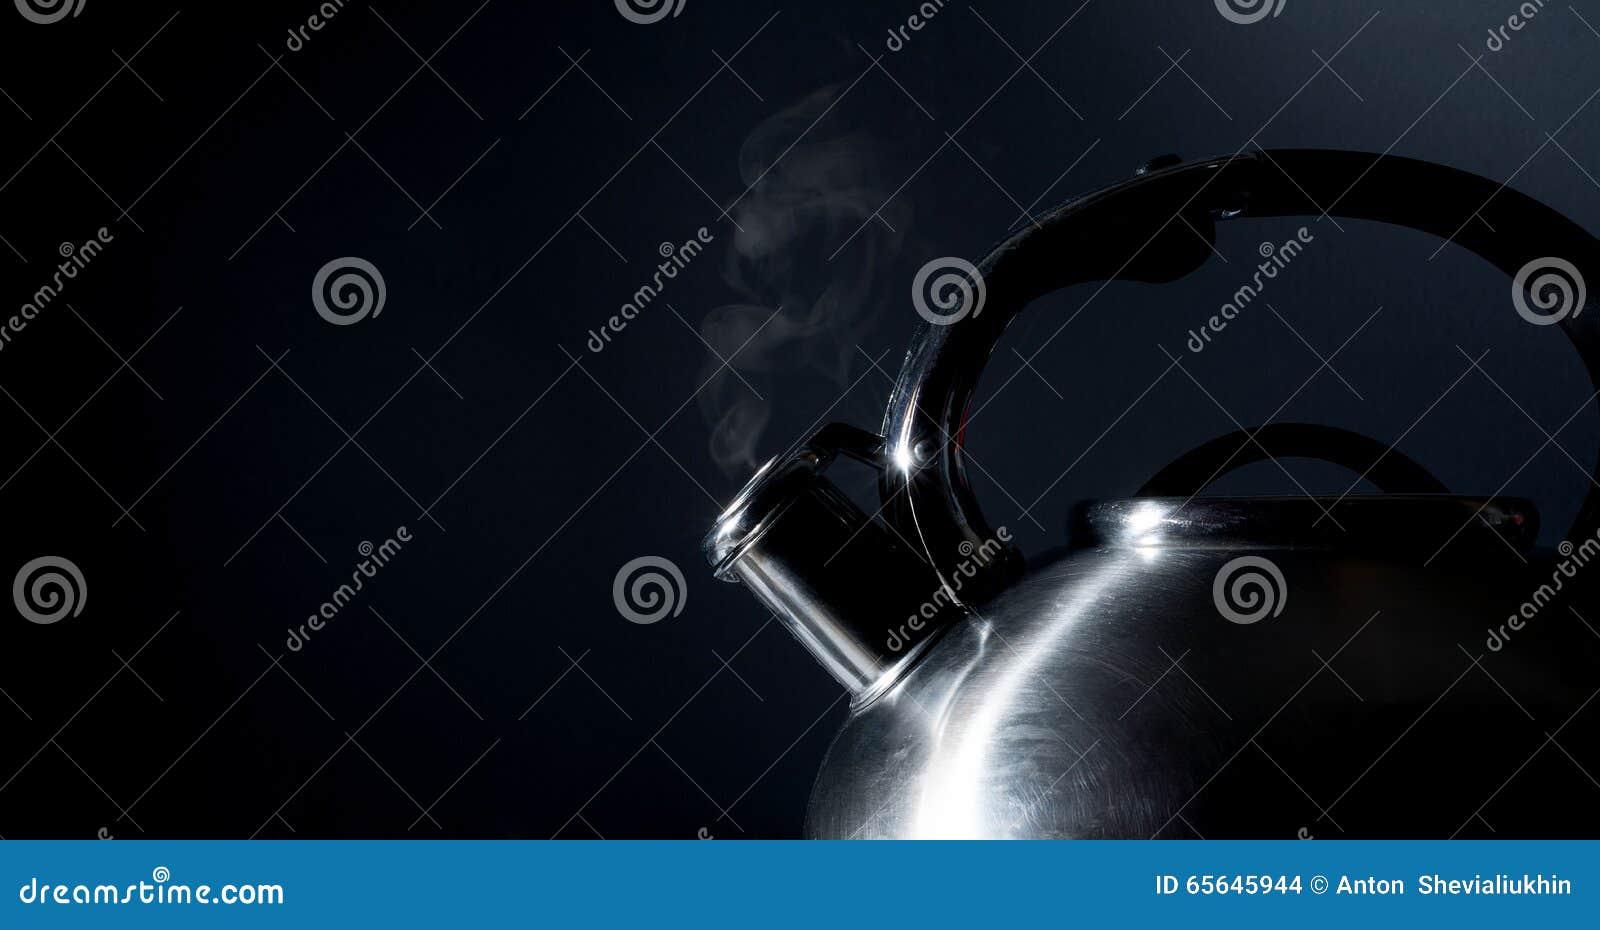 Bouilloire sifflant, bouilloire de ébullition, vapeur, sur un noir